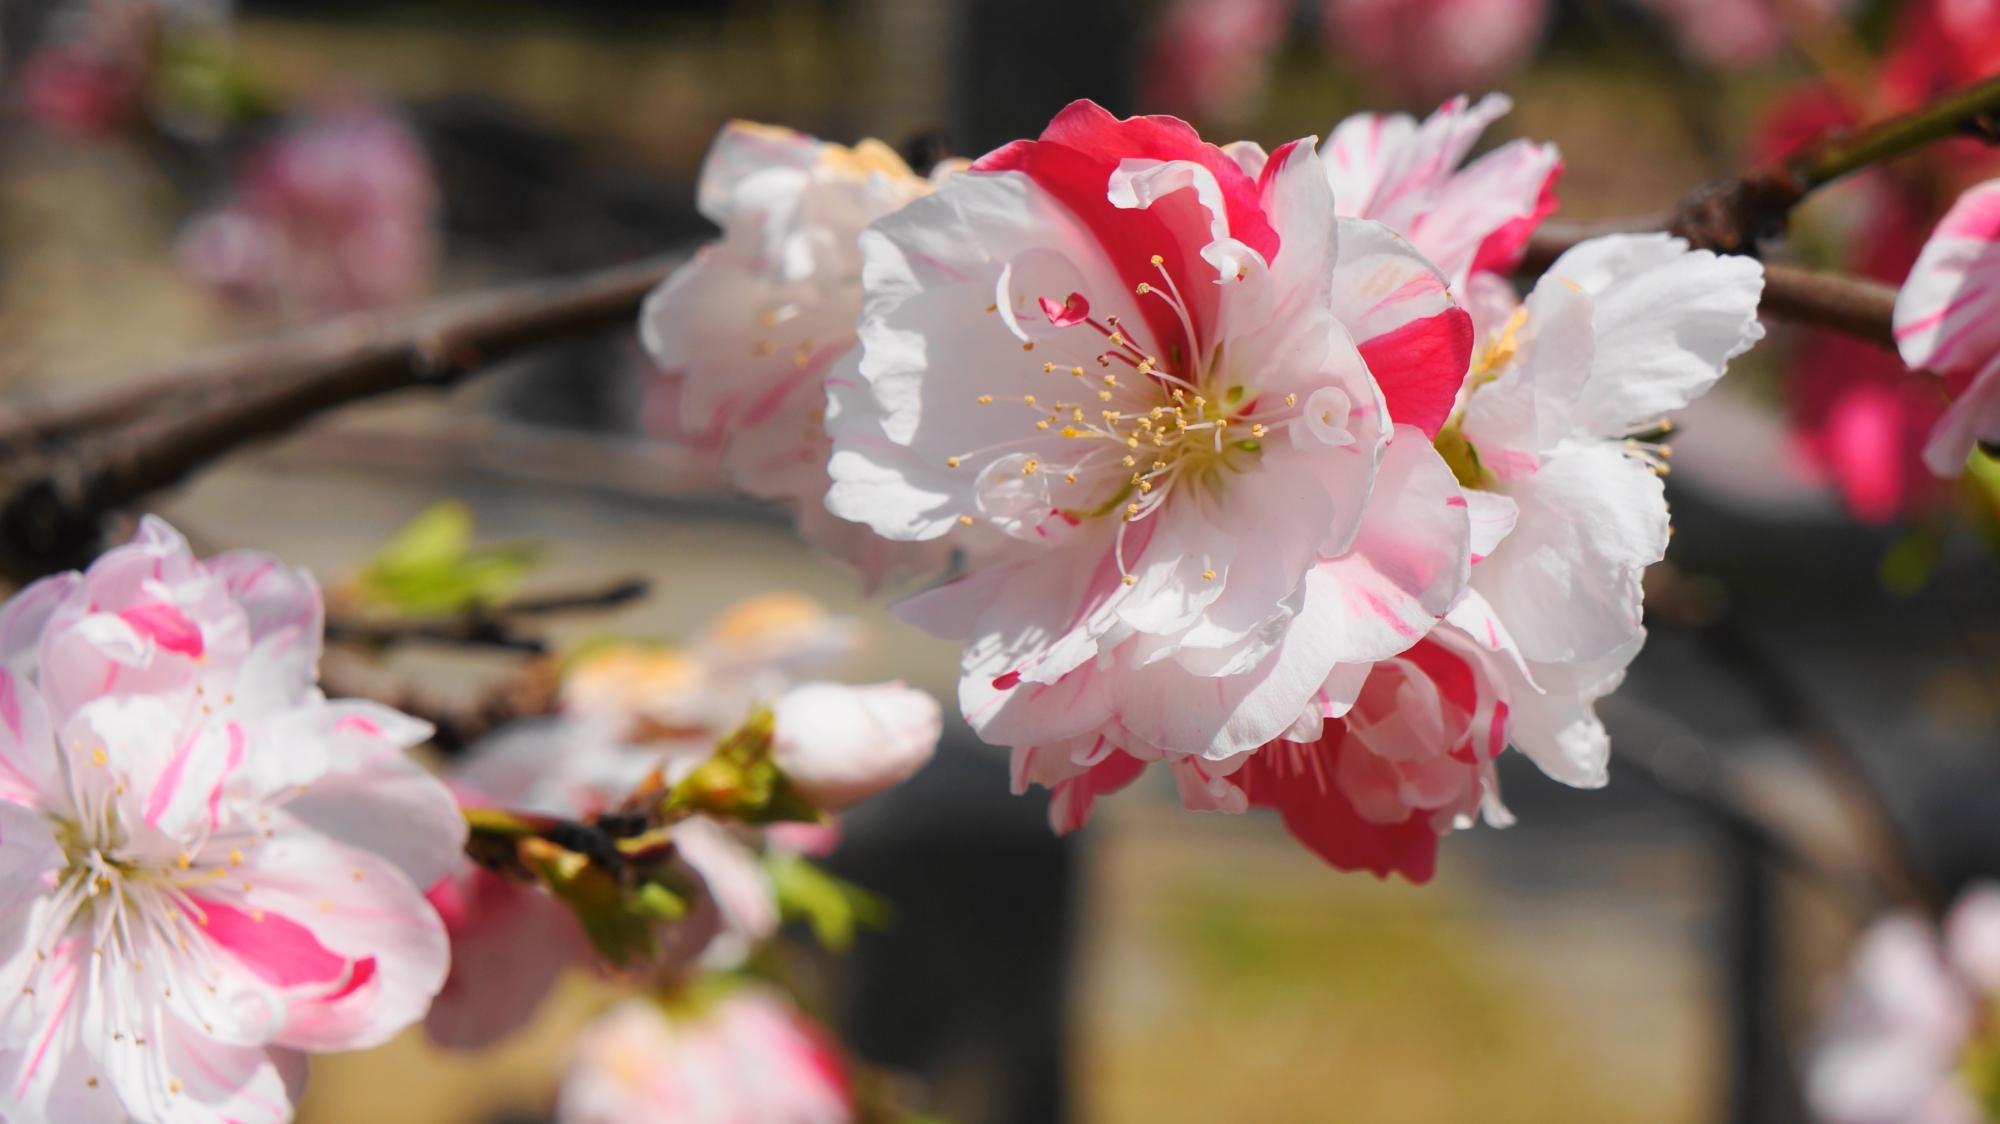 満開の見事な二色の桃の花